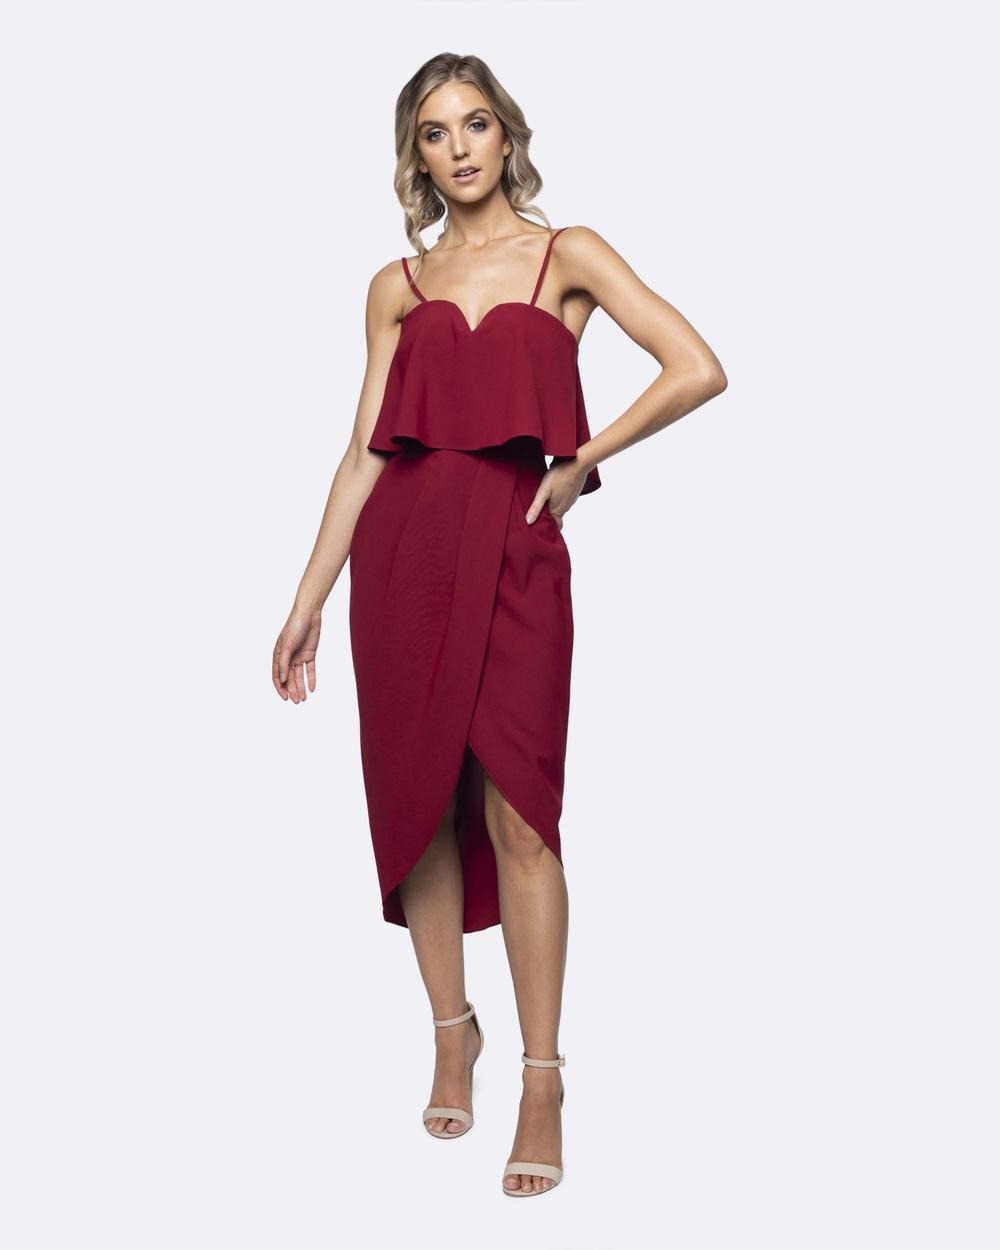 Photo of Pilgrim Red Sophia Dress - buy Pilgrim dresses on sale online